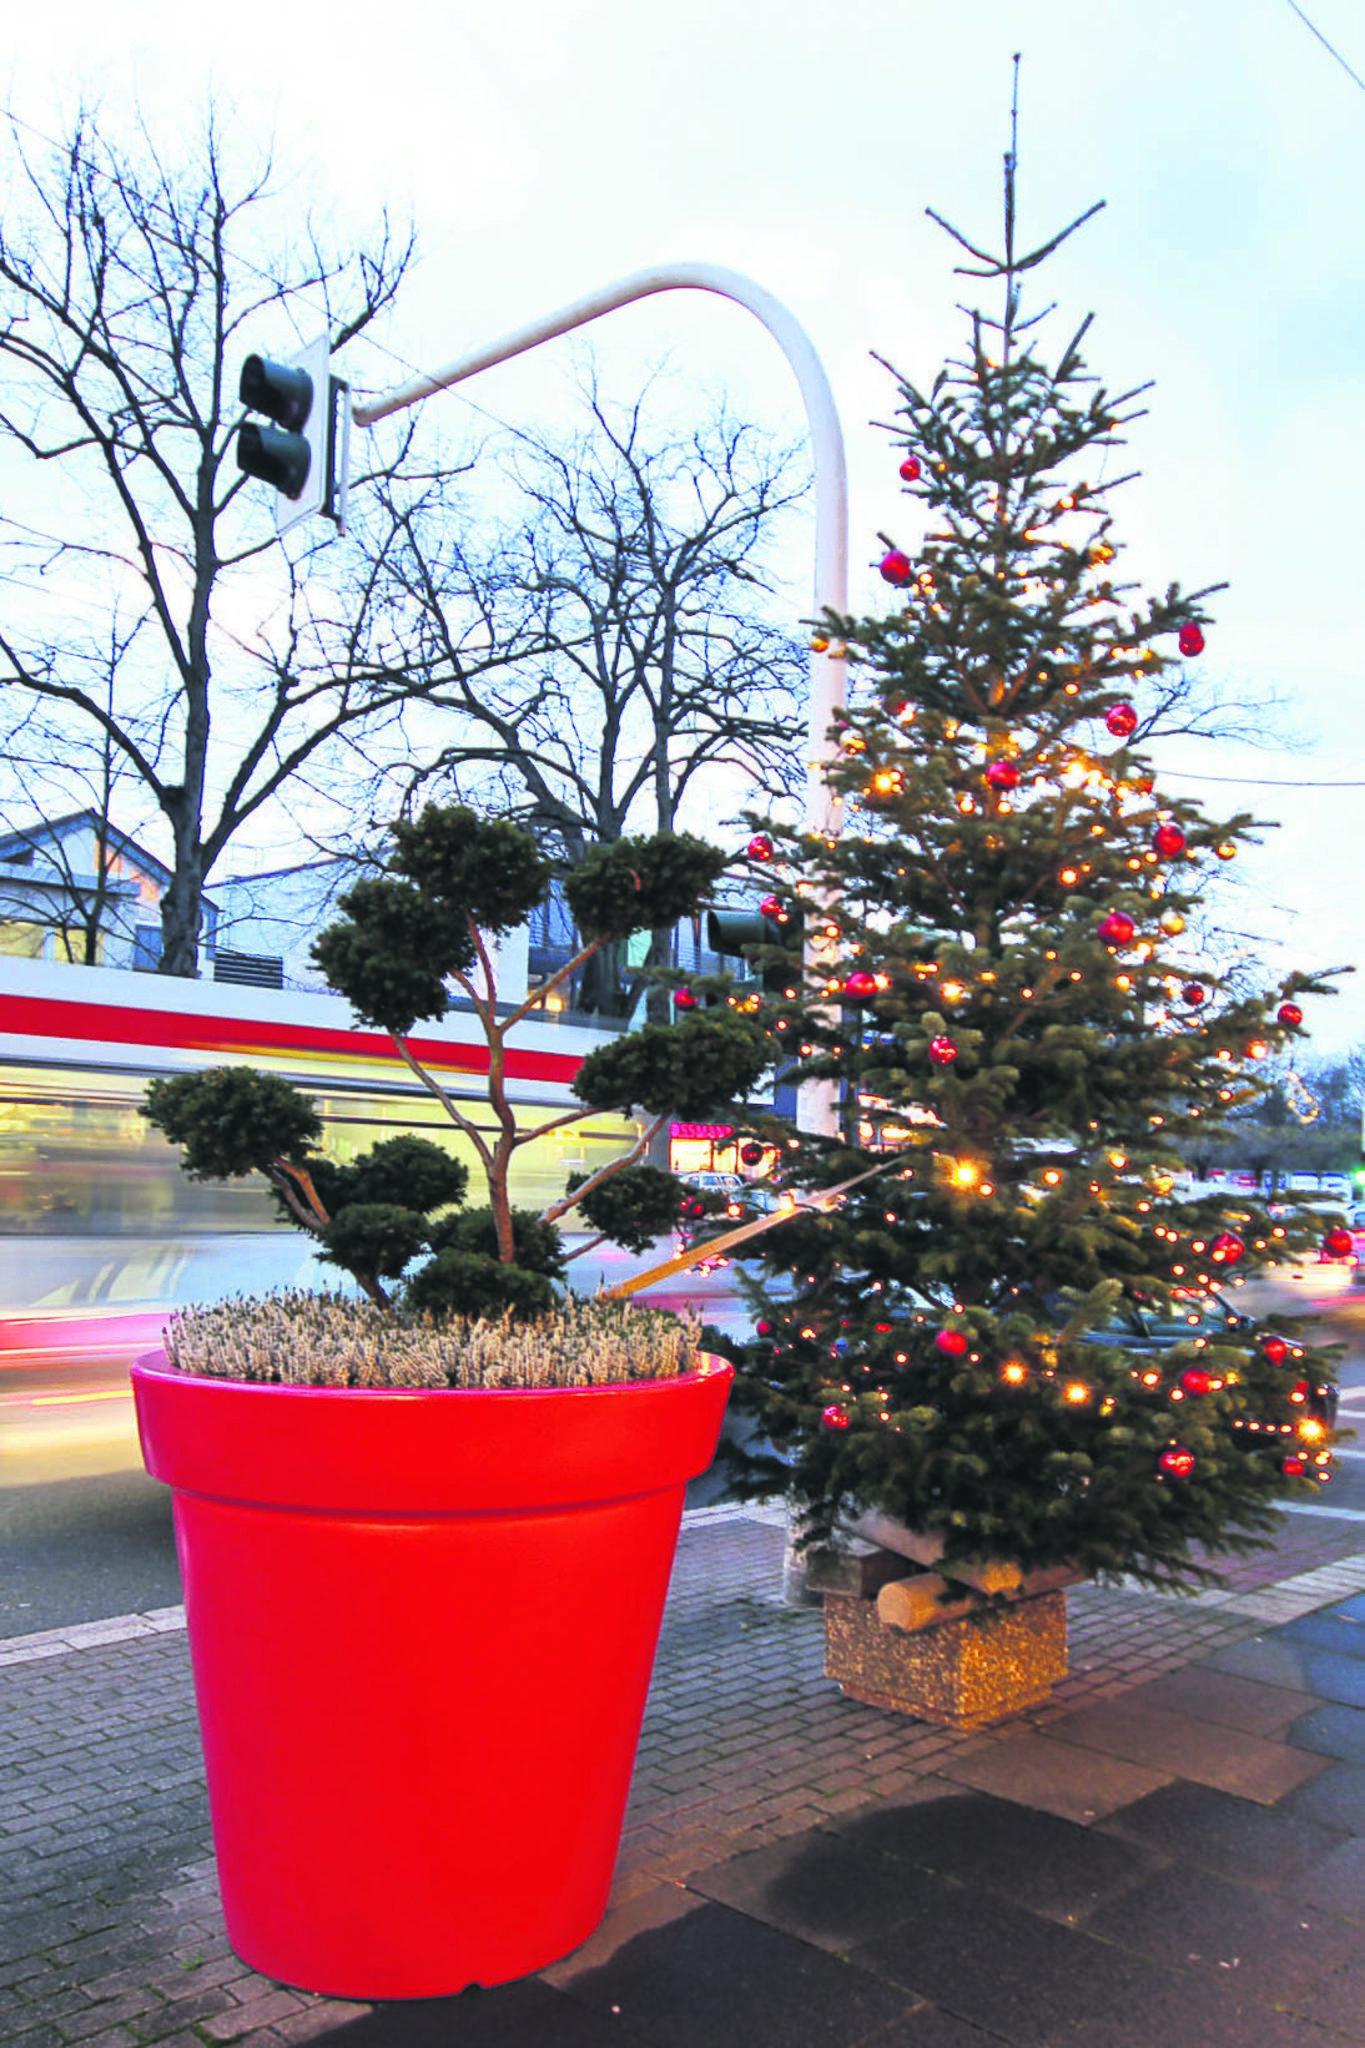 Beleuchtete Bilder Weihnachten.Mehr Licht In Weitmar Mitte Beleuchtung Soll Nicht Nur Vor